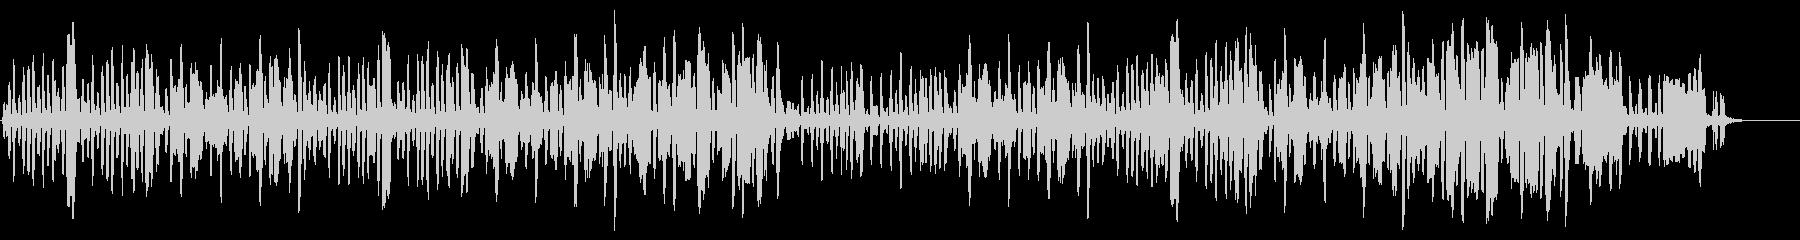 リコーダーの元気で可愛い曲2の未再生の波形